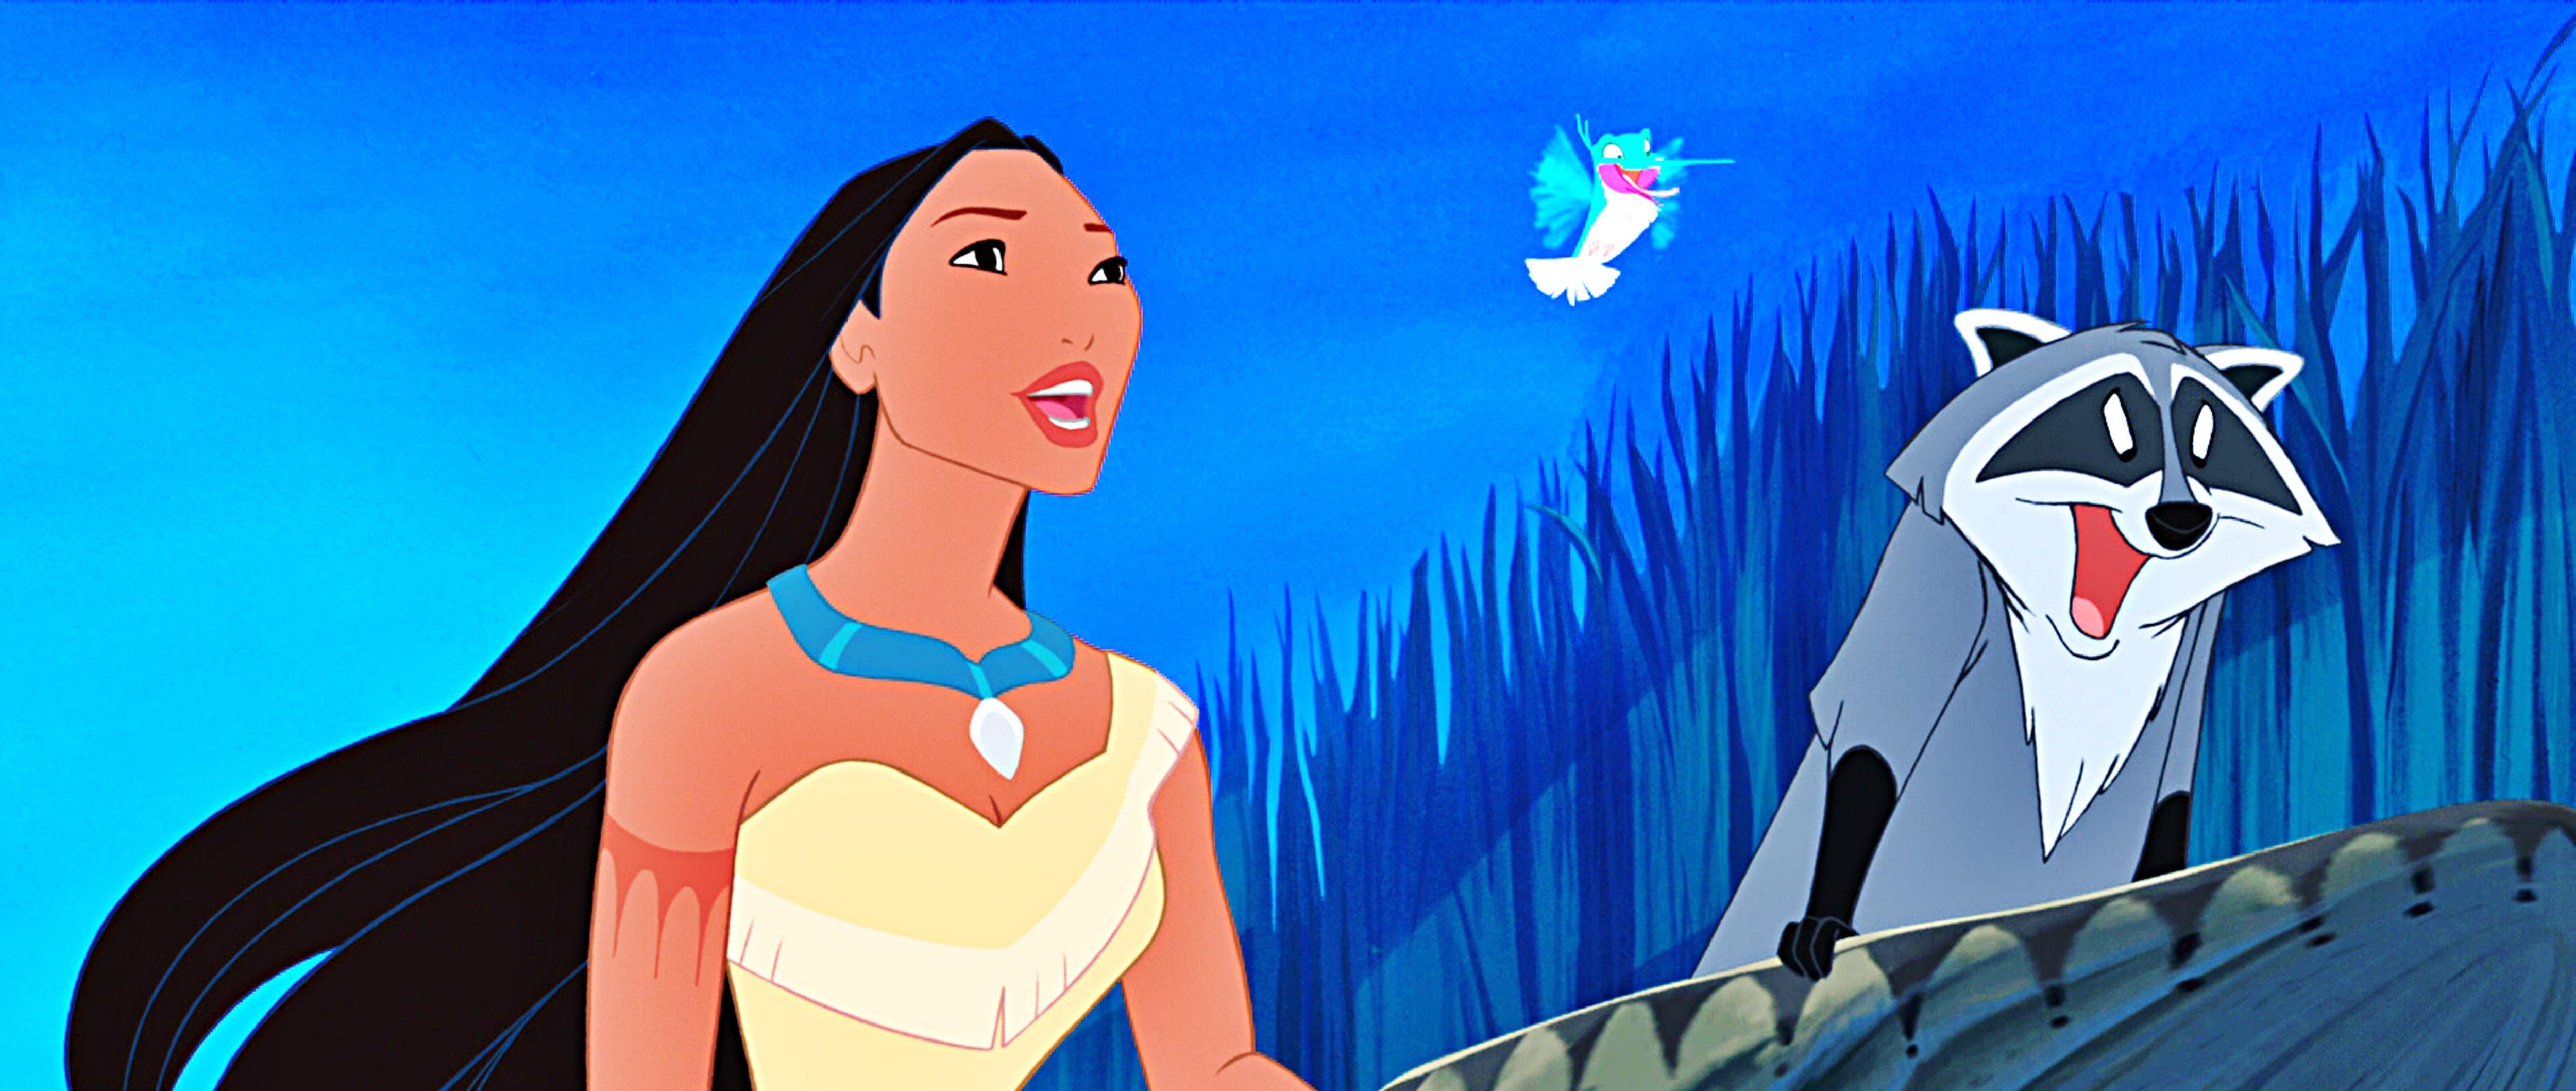 Pocahontas Backgrounds, Compatible - PC, Mobile, Gadgets| 5000x2117 px